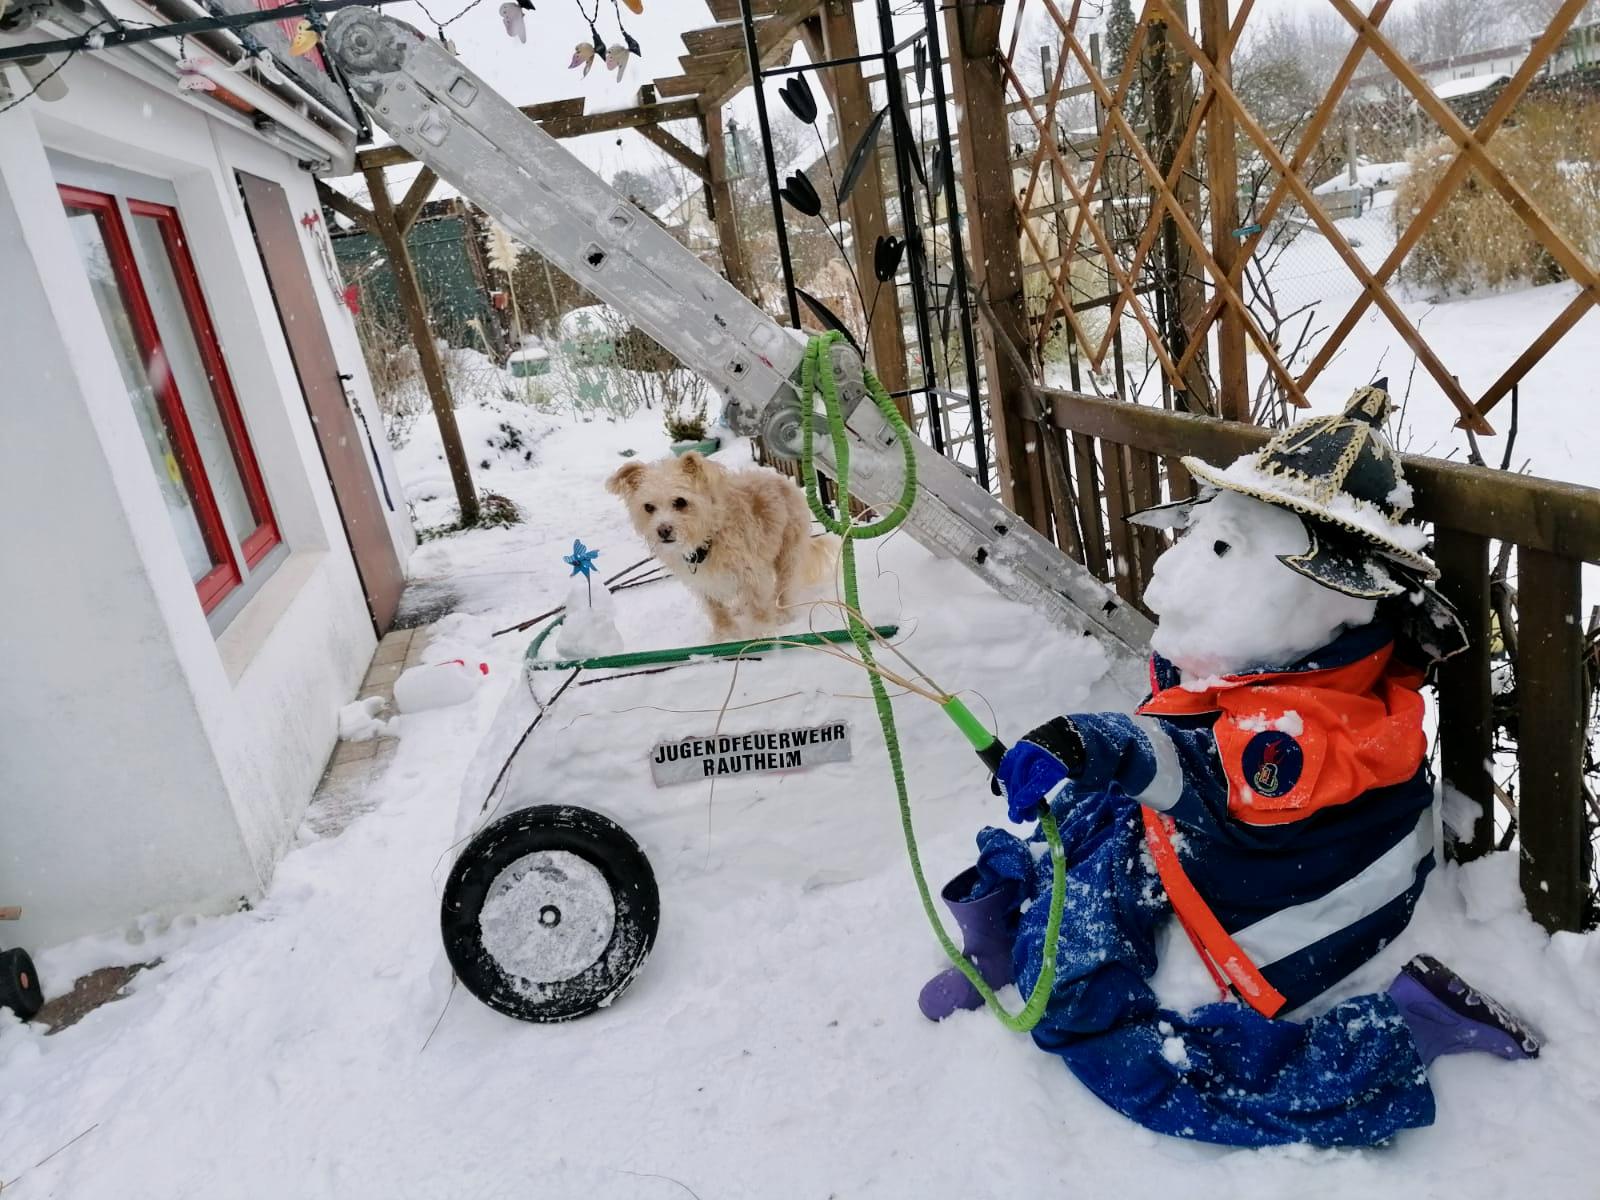 Feuerwehr-Schneemannwettbewerb